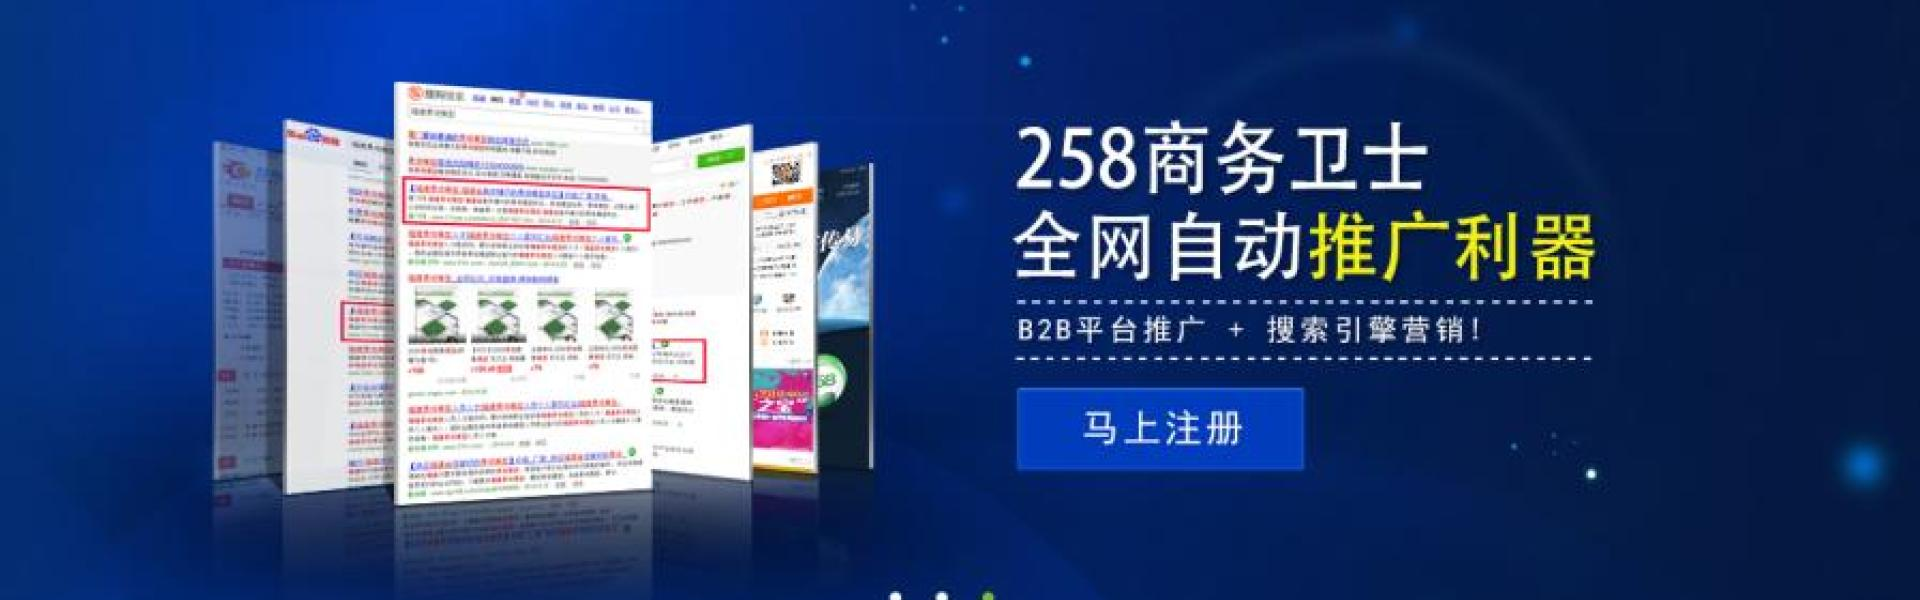 惠州網絡推廣|惠州小程序開發|惠州網絡公司|惠州網站建設推廣找百優智友